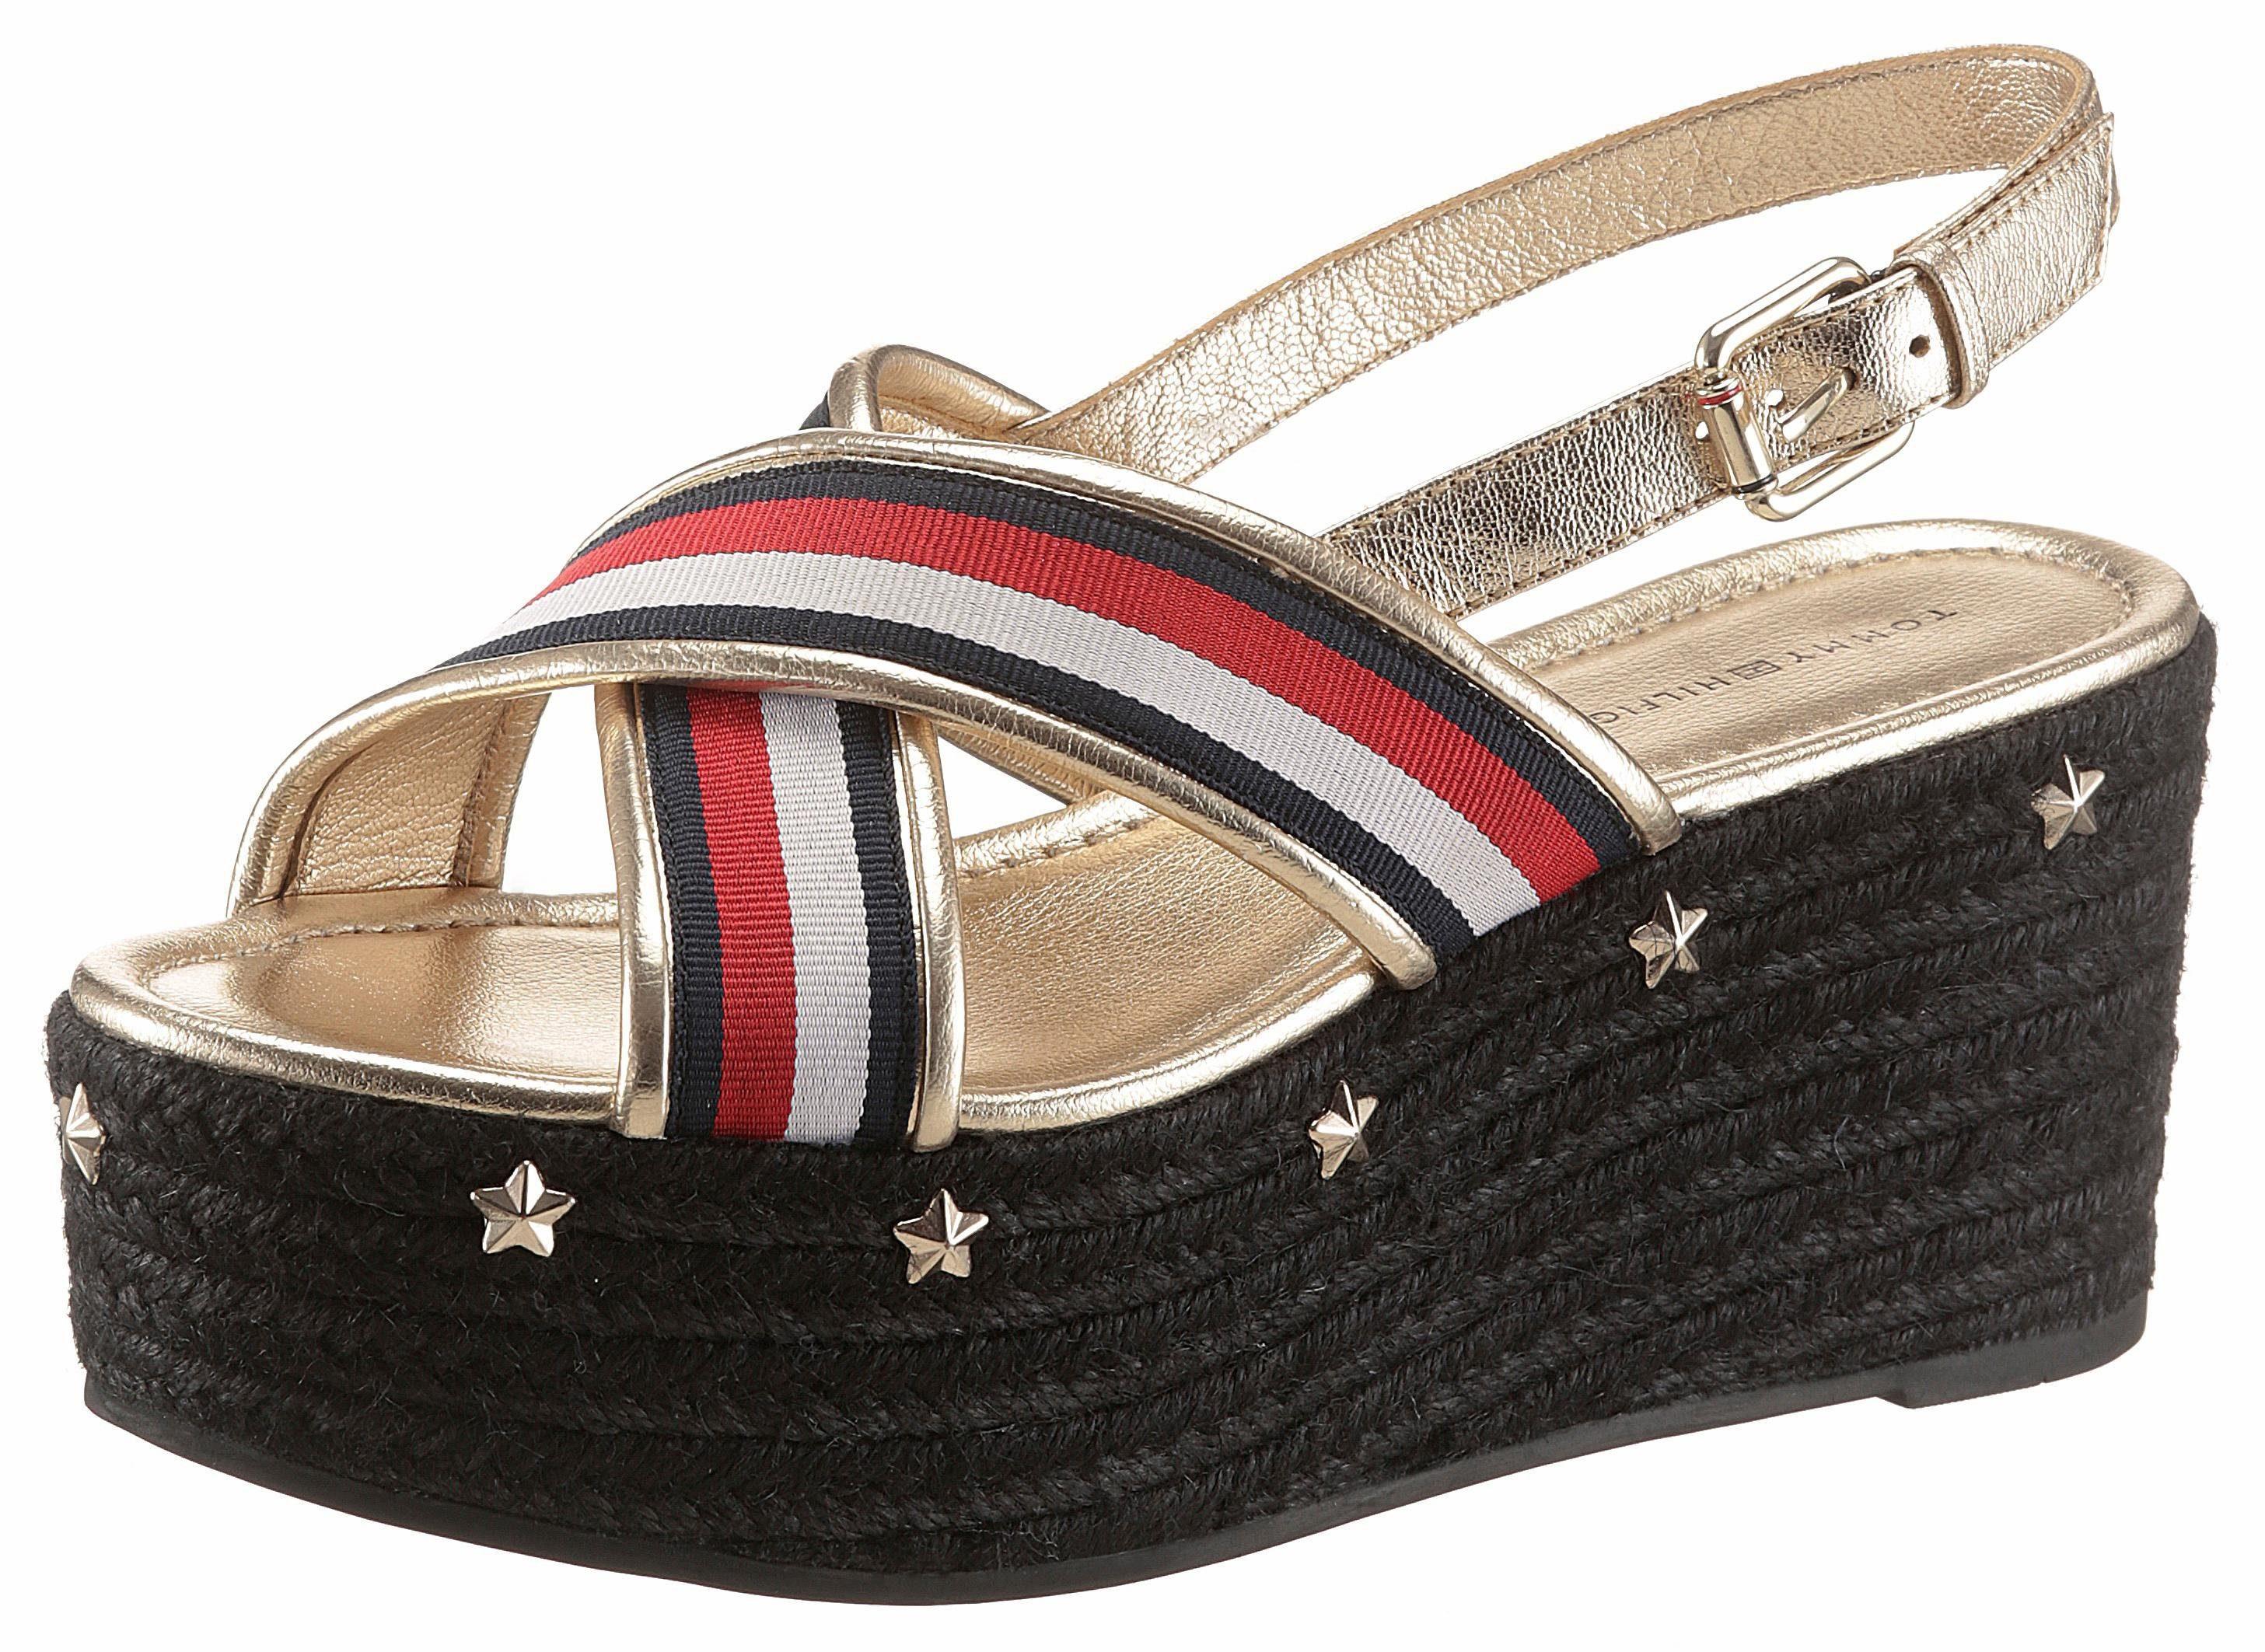 Tommy Hilfiger Sue 2 Sandalette, mit Sternapplikation auf der Sohle online kaufen  goldfarben-rot-weiß-blau